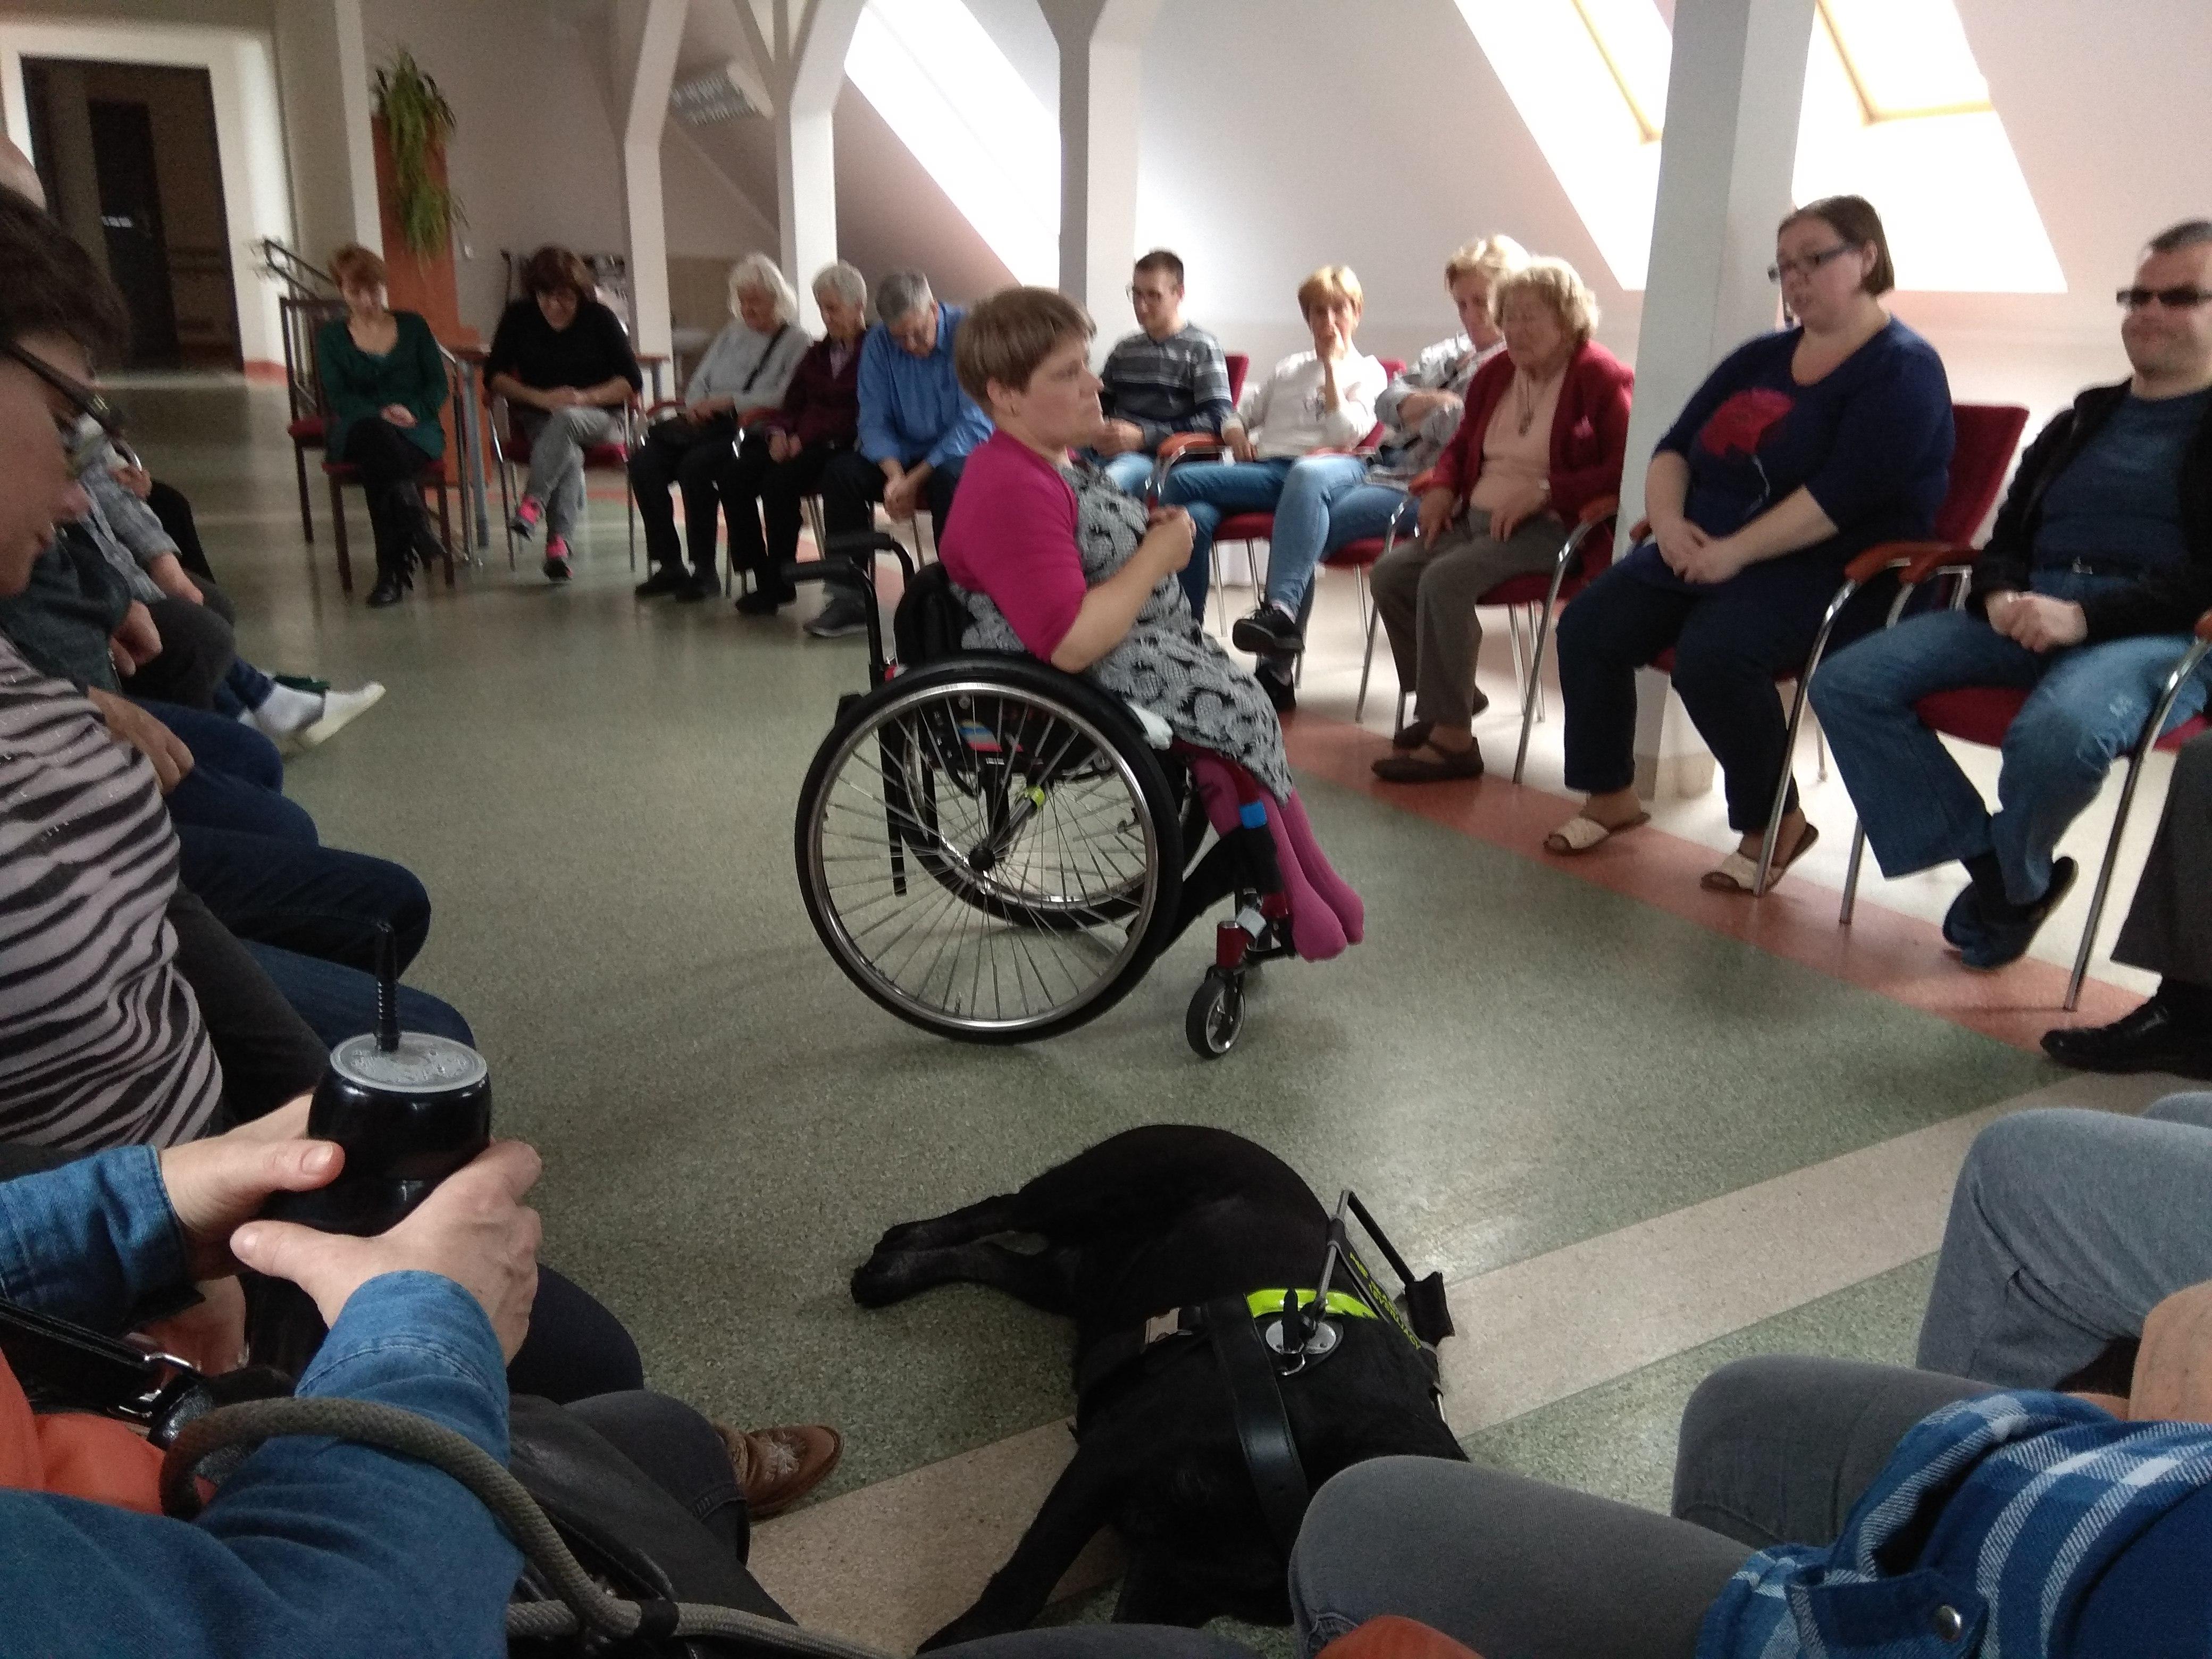 Zjazdowicze siedzący w widnej sali na krzesłach ustawionych po owalu. Po środku w różowej bluzce, na wózku inwalidzkim siedzi trenerka – psycholog i doradca zawodowy. Na podłodze leży czarny labrador – pies przewodnik.